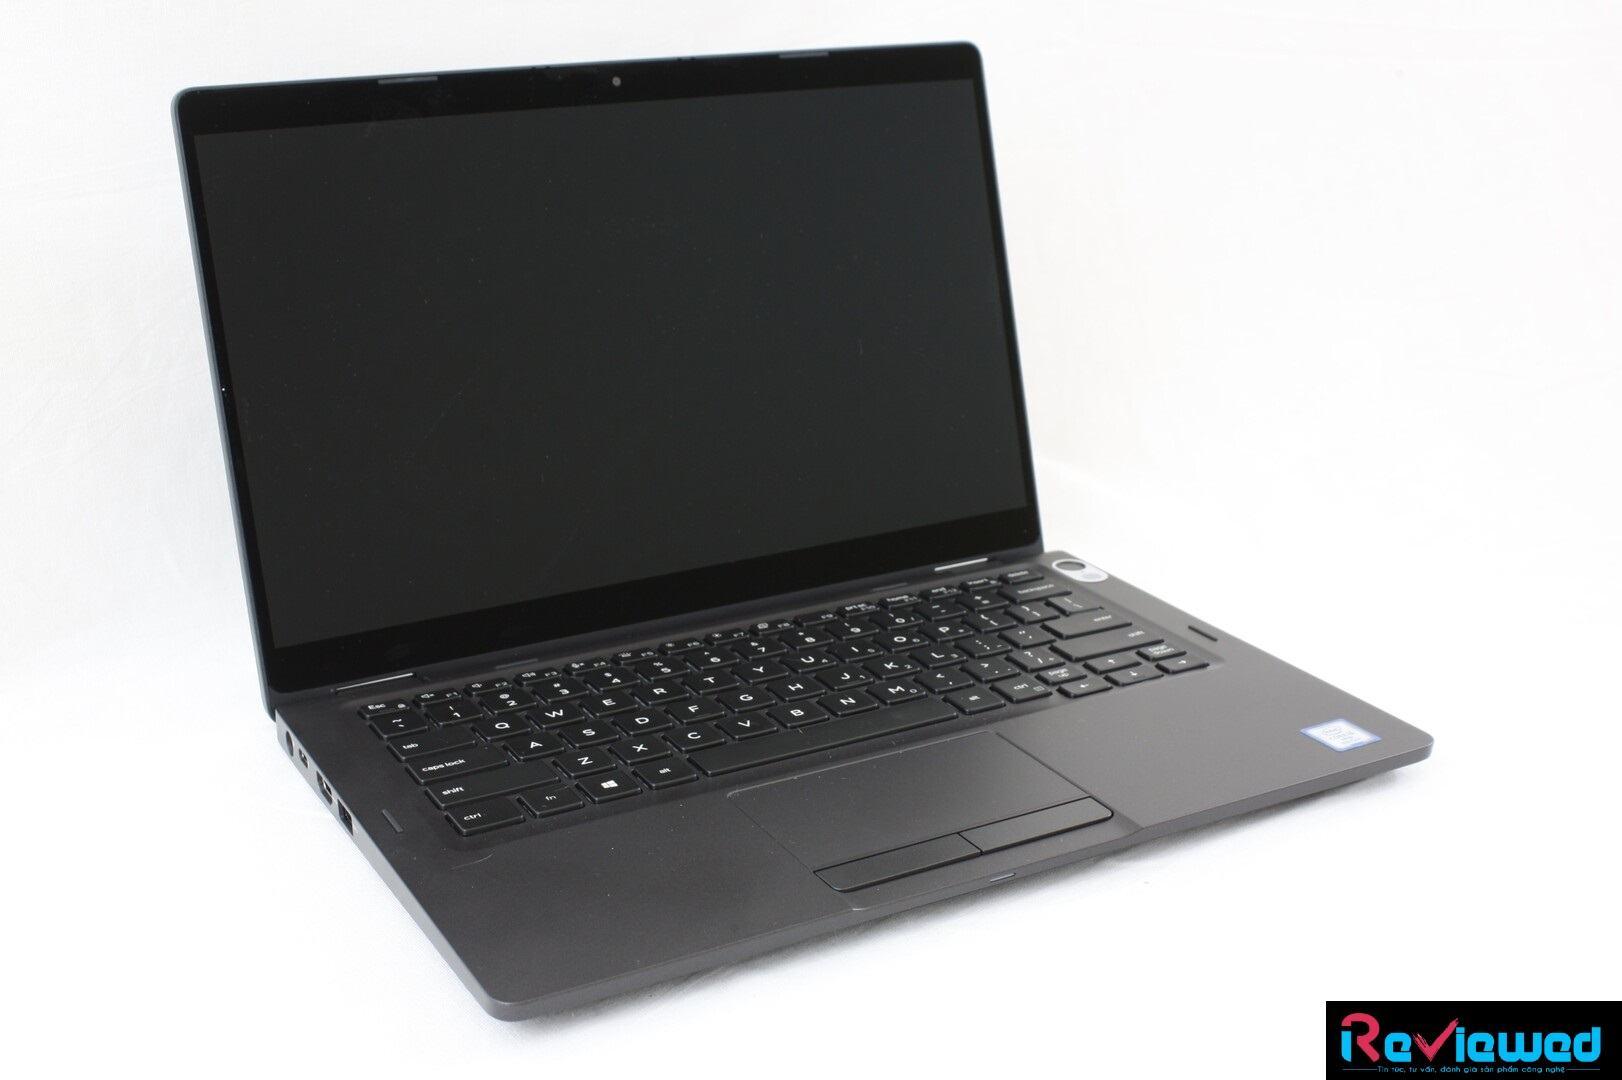 đánh giá Dell Latitude 13 5300 2 in 1